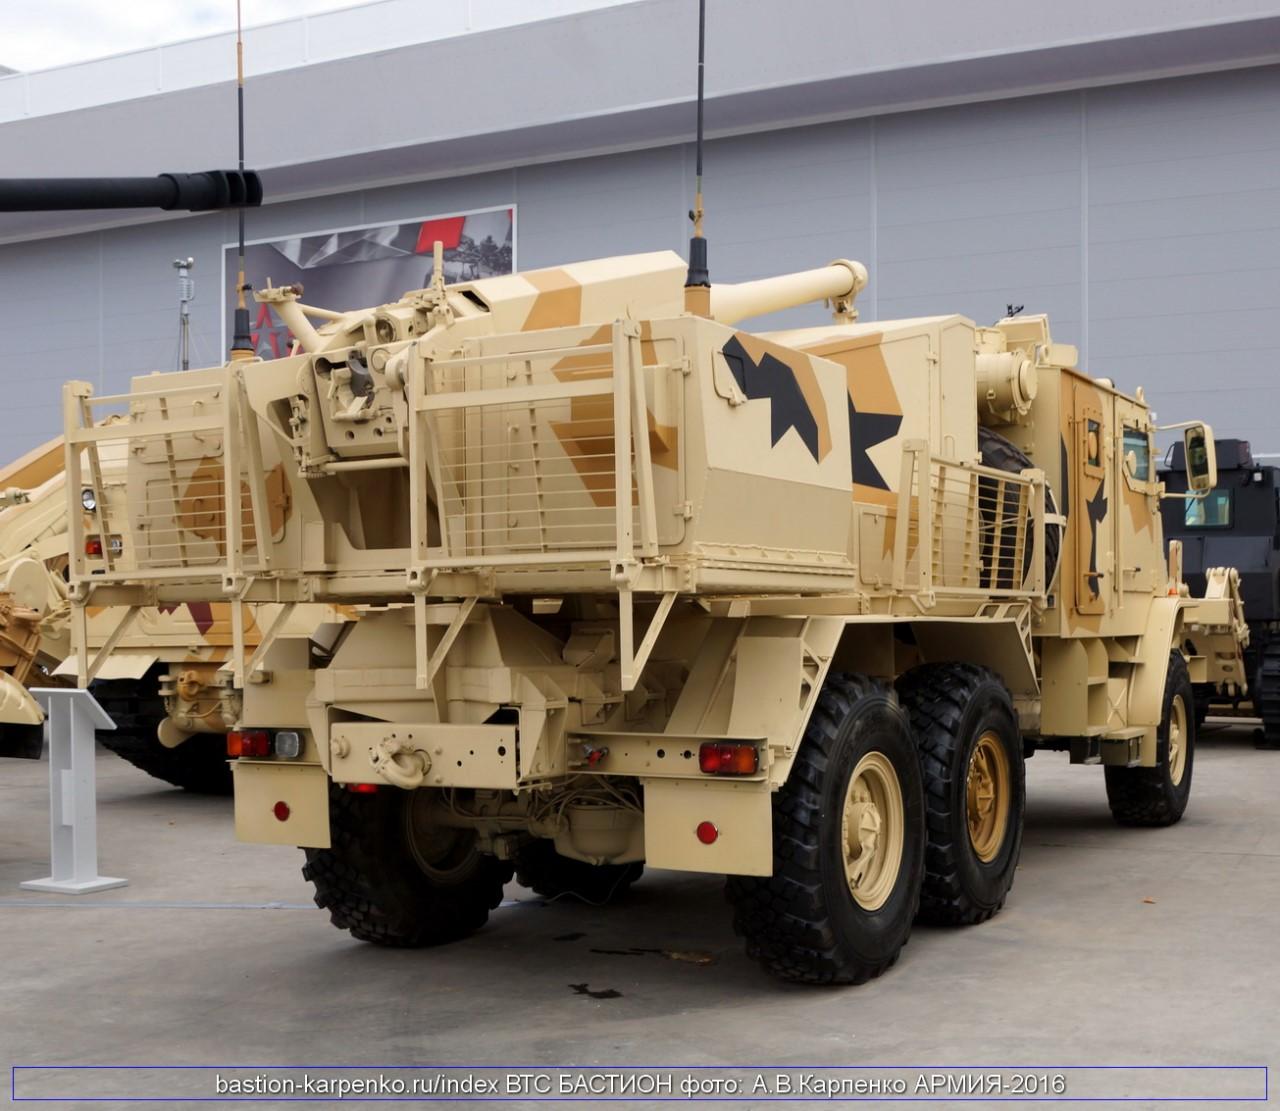 Большинство экспертов, имеющих отношение к ракетно-артиллерийской тематике, сходятся во мнении, что